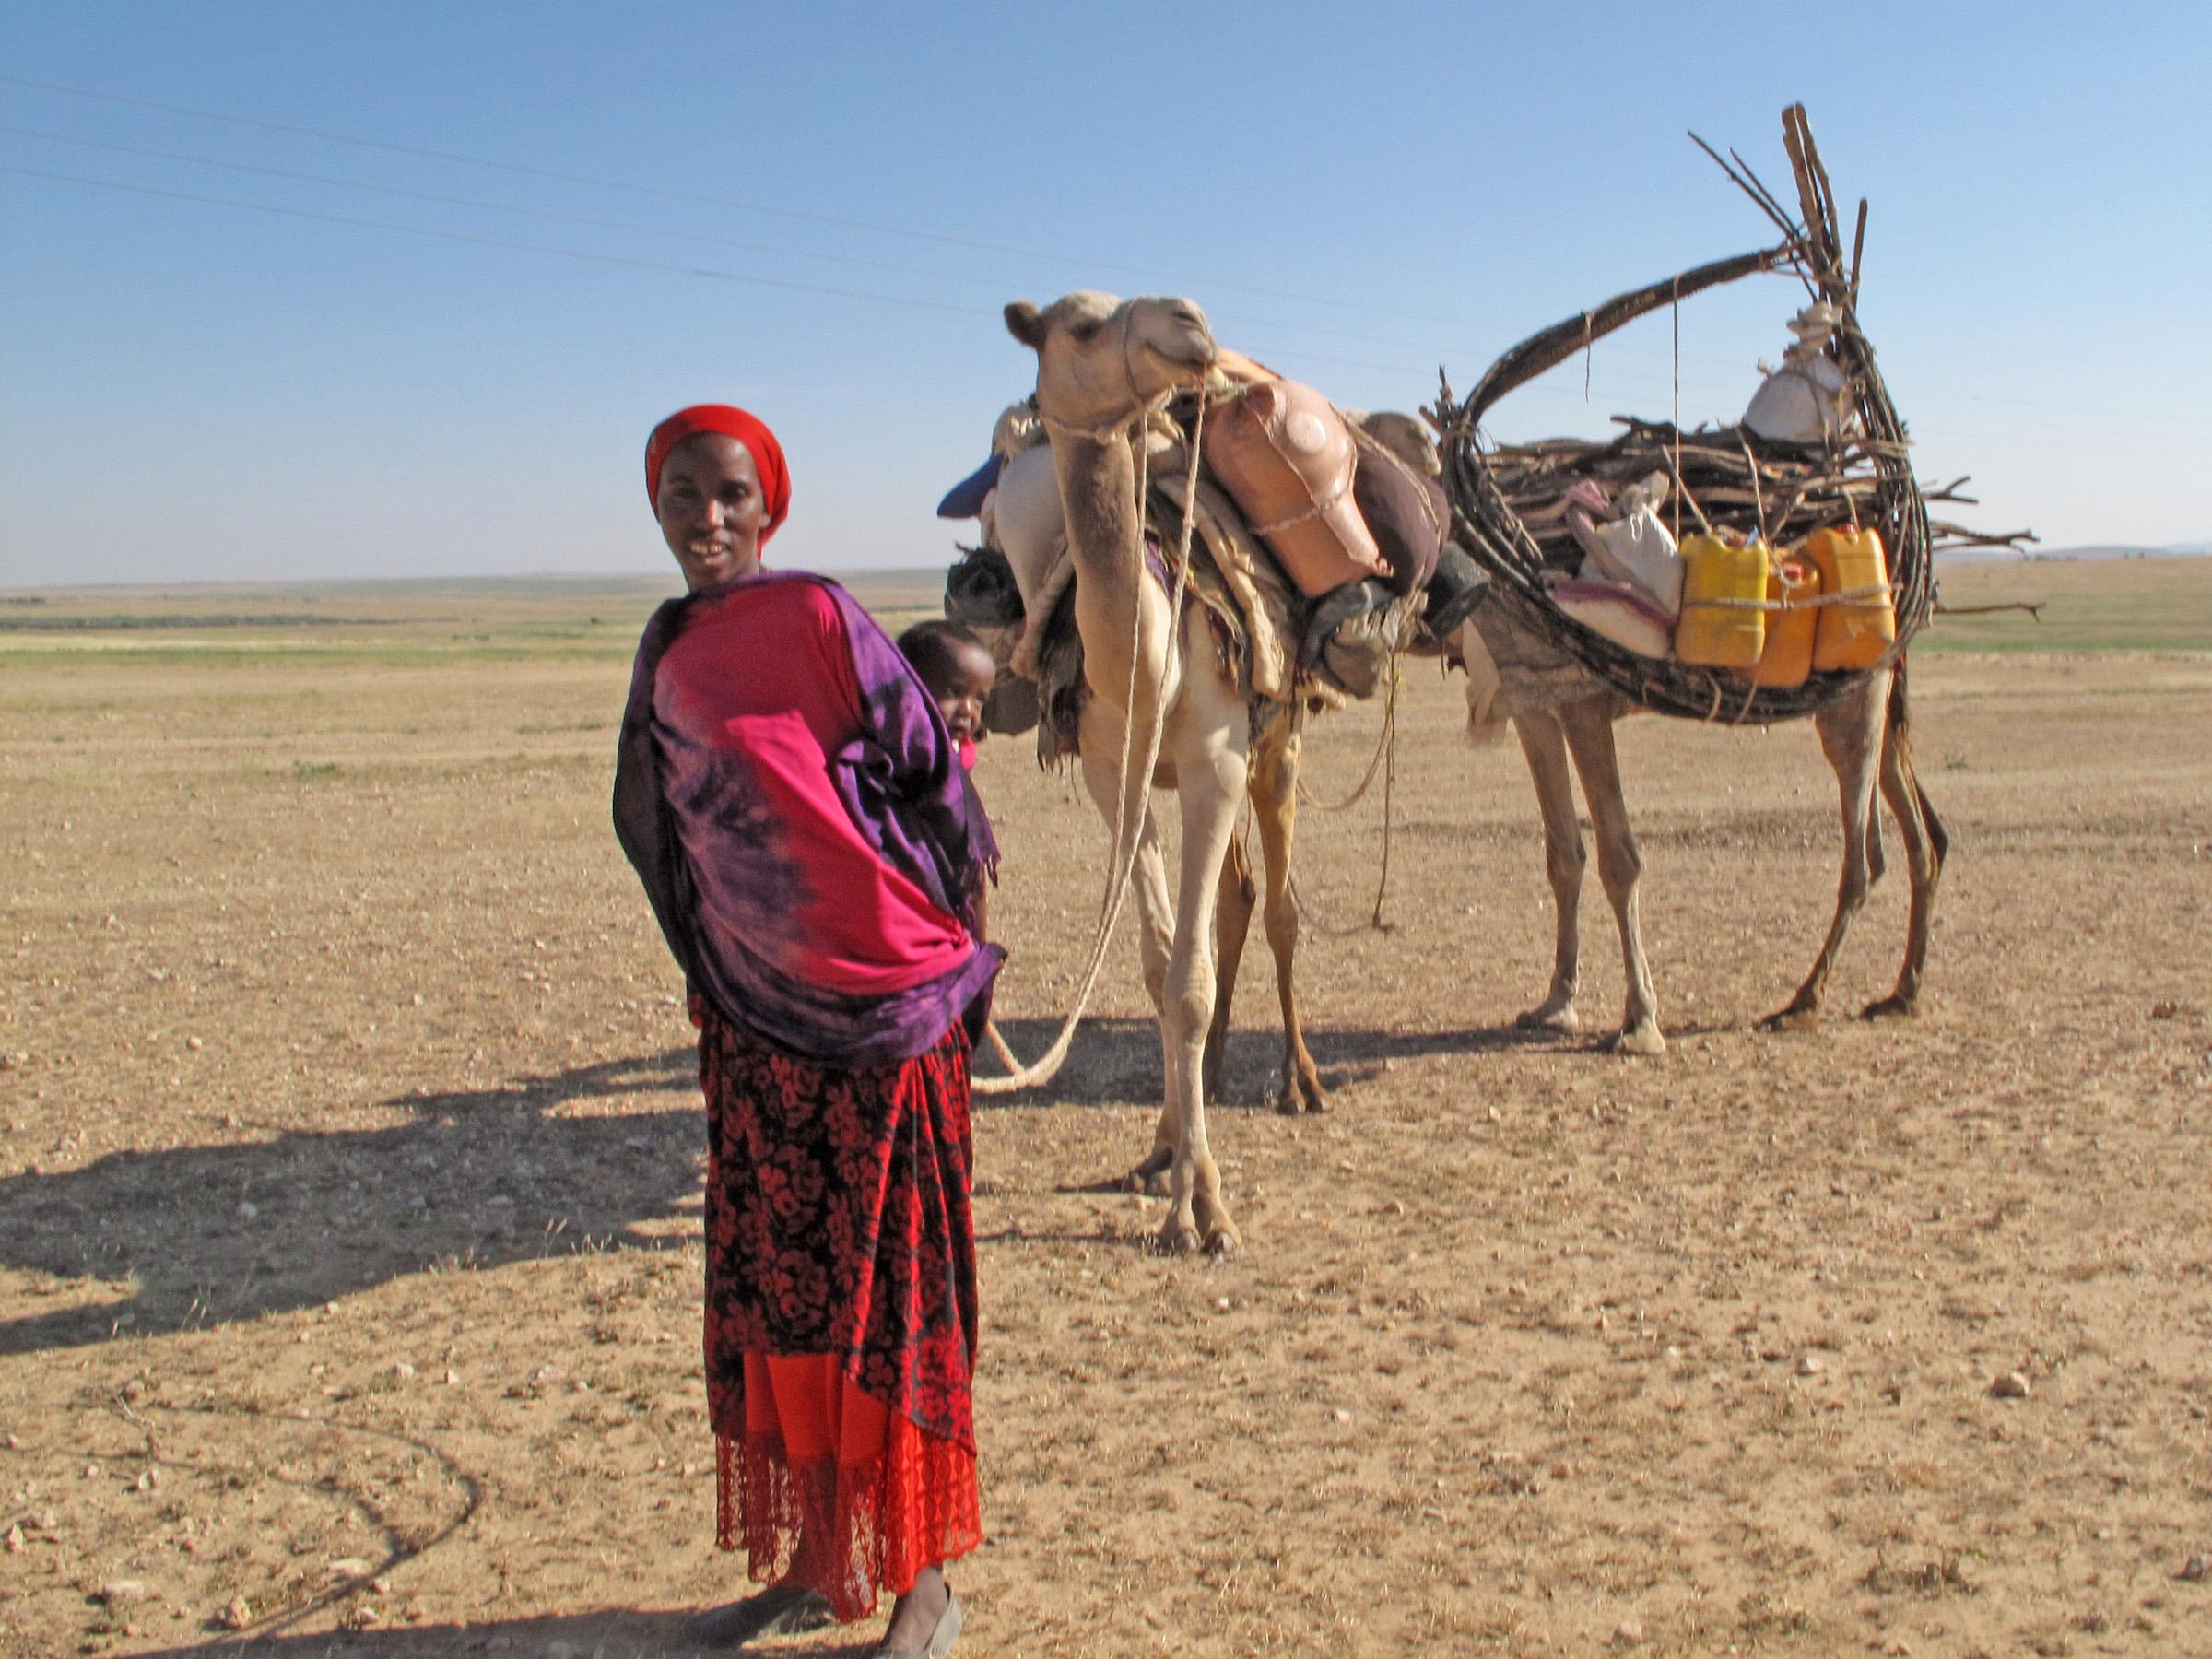 The New Humanitarian | Keeping pastoralist children in school in